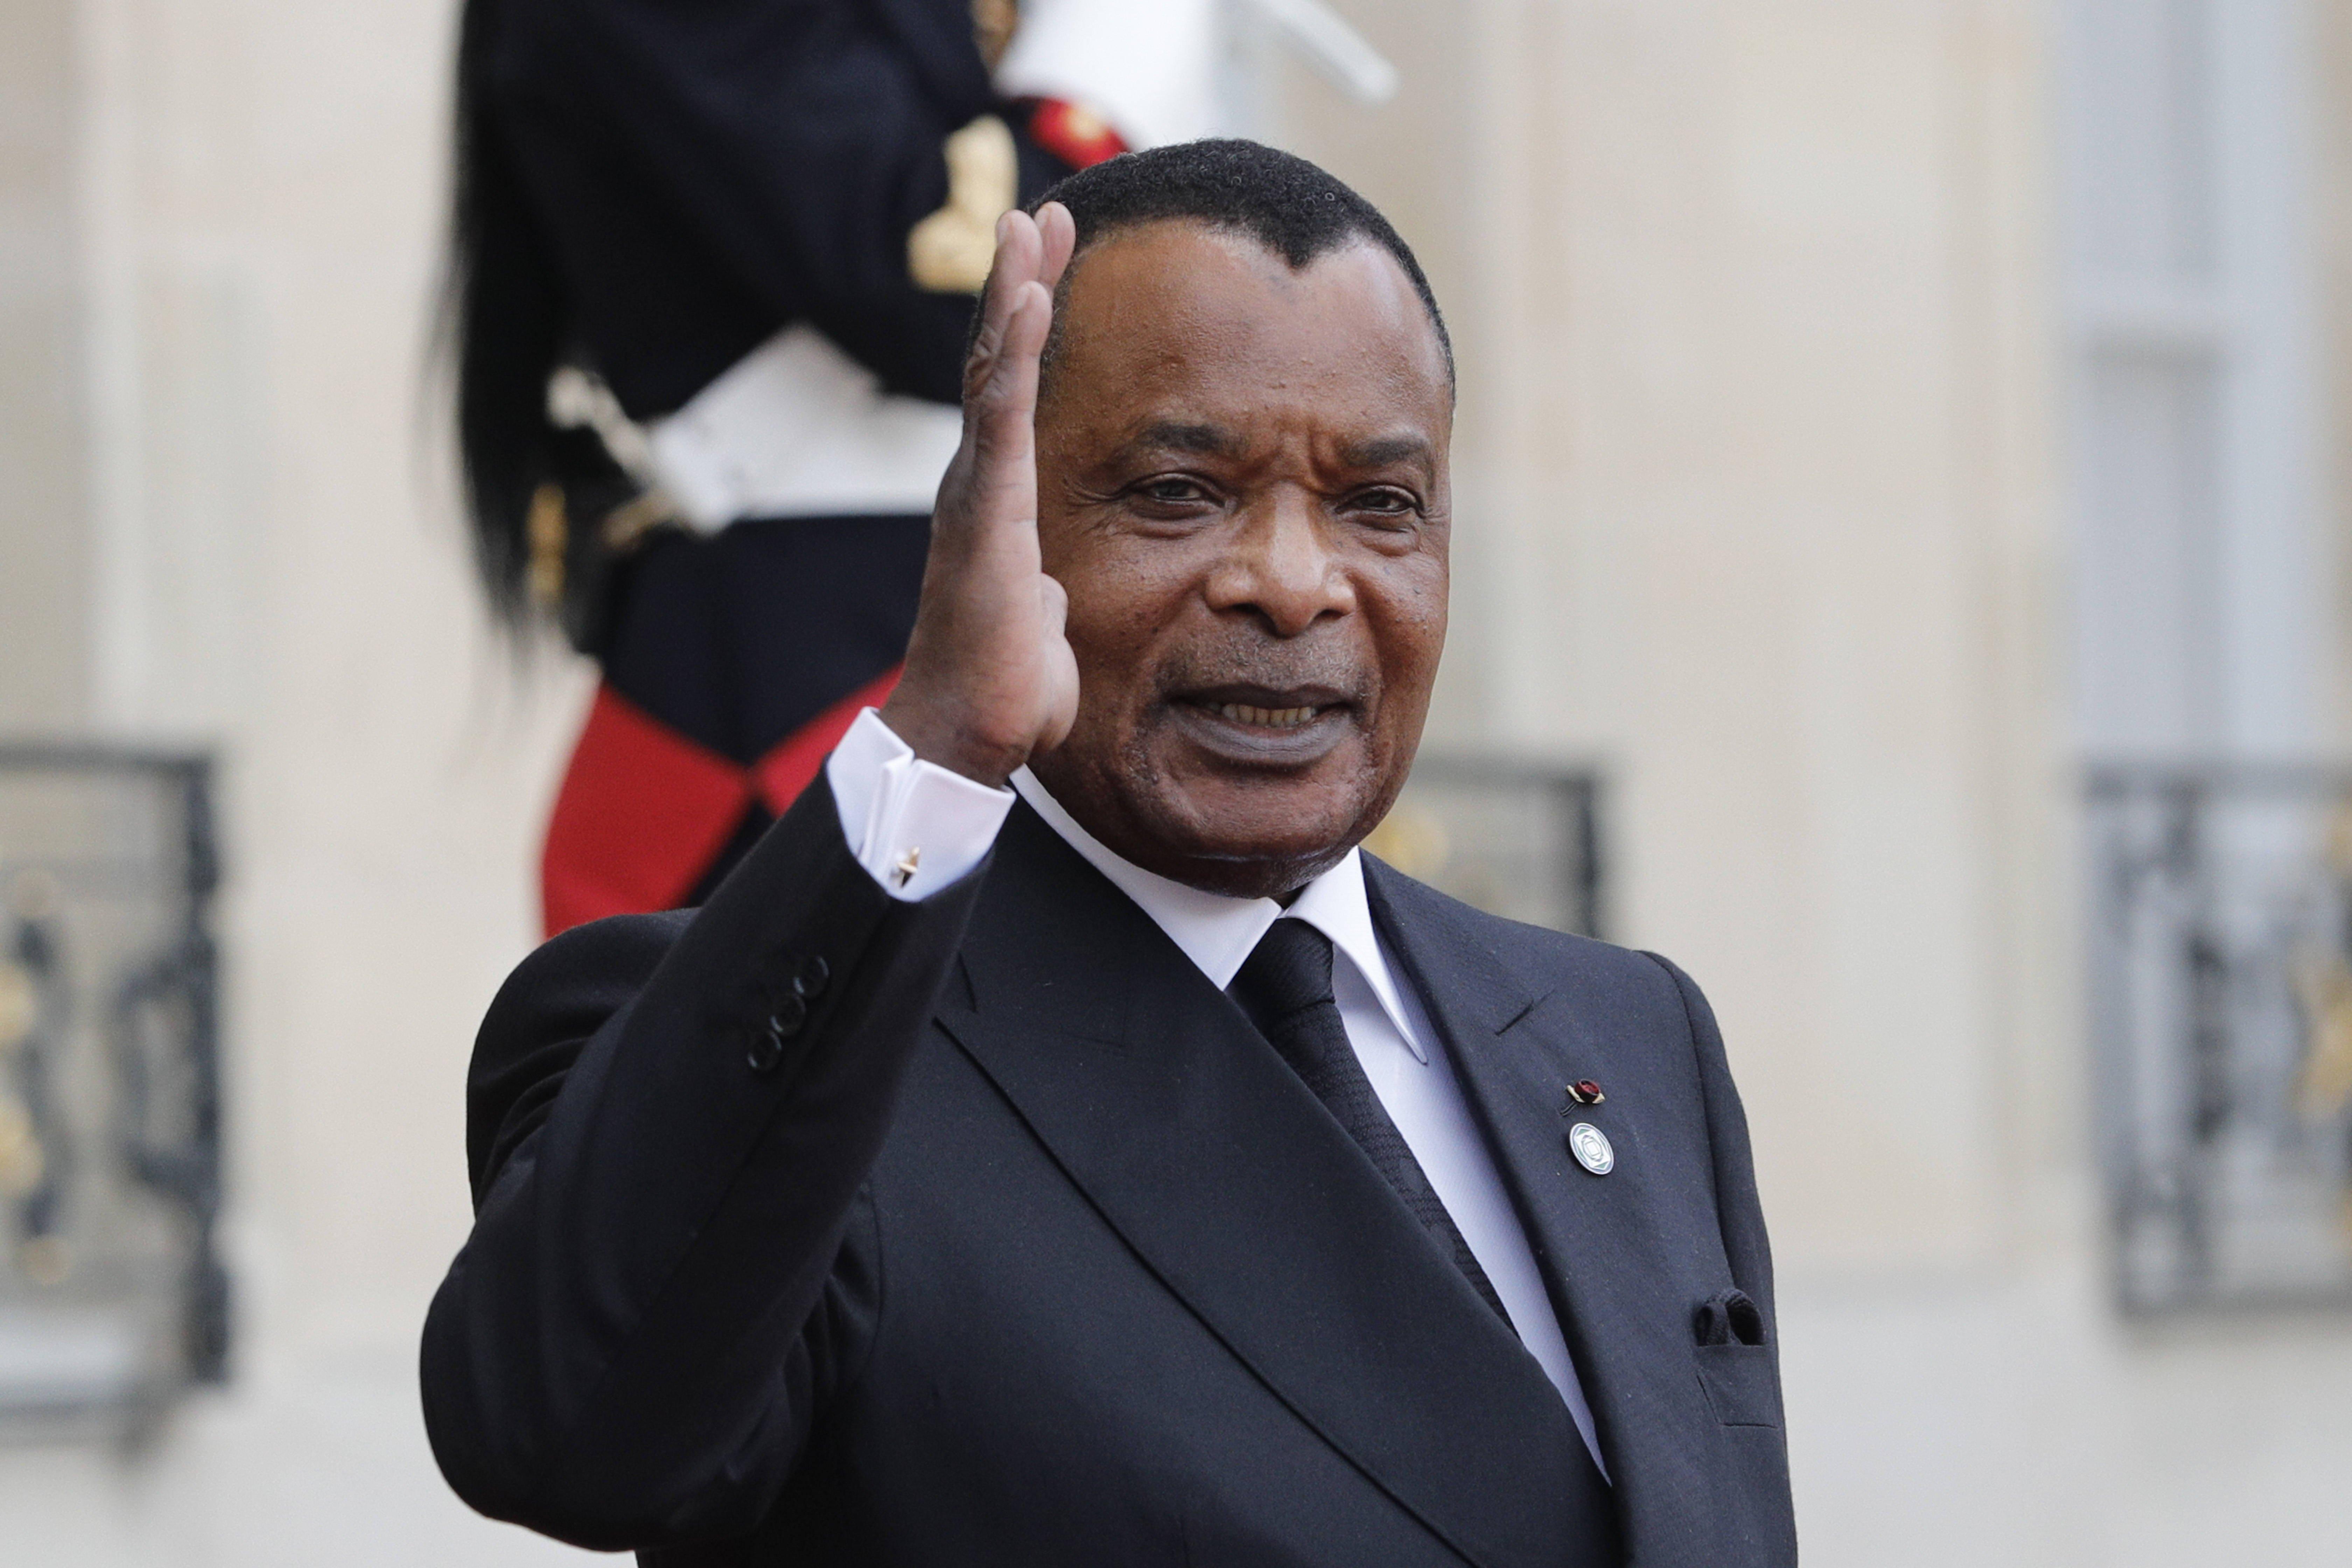 Le président congolais Denis Sassou Nguesso, à l'Élysée le 30 septembre 2019 lors de l'hommage à l'ancien président français Jacques Chirac.